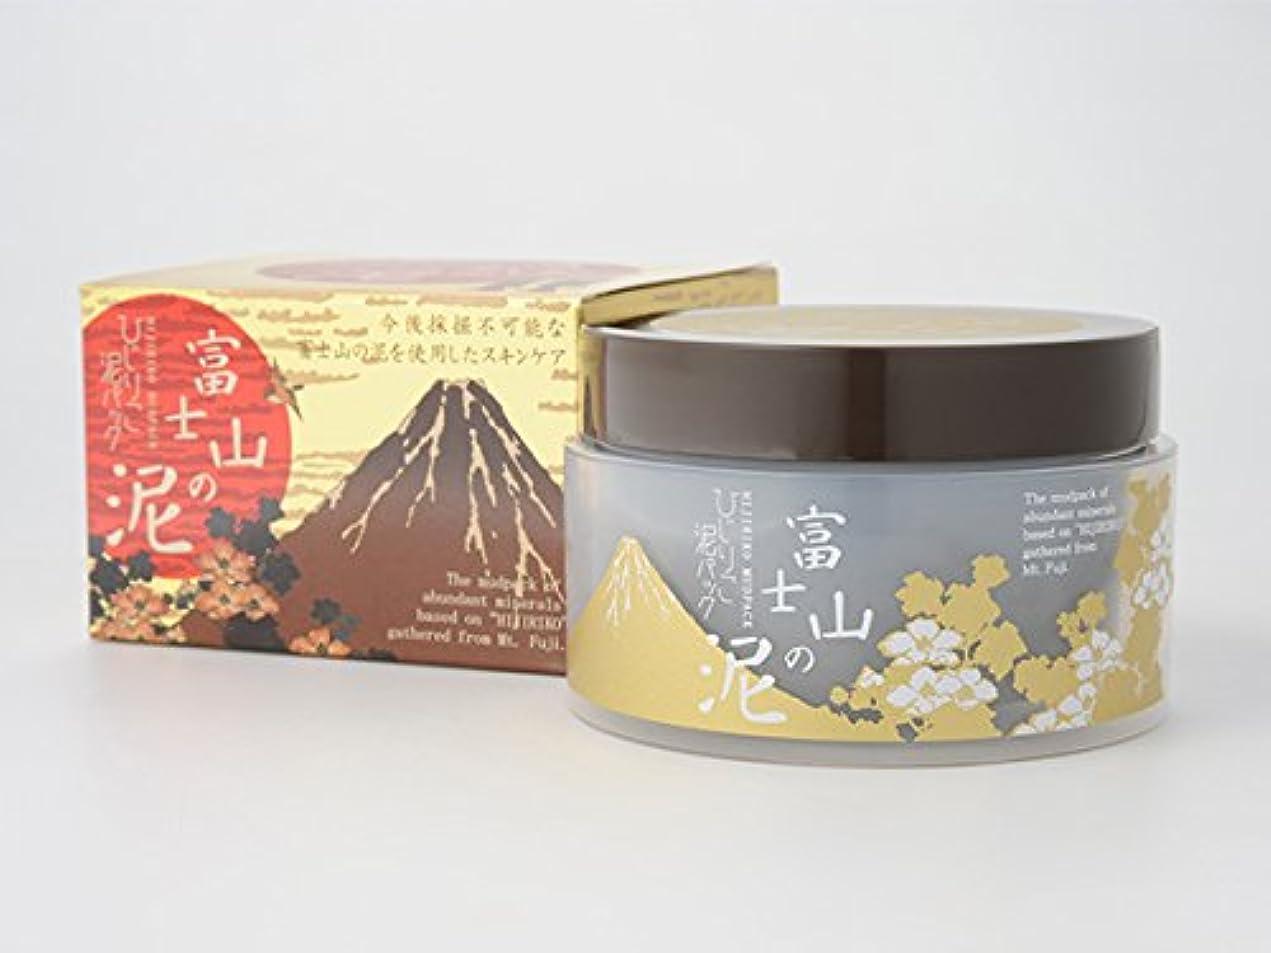 つぶやきポーズ過ちひじりこ化粧品 ひじりこ泥パックS 富士山の泥 120g